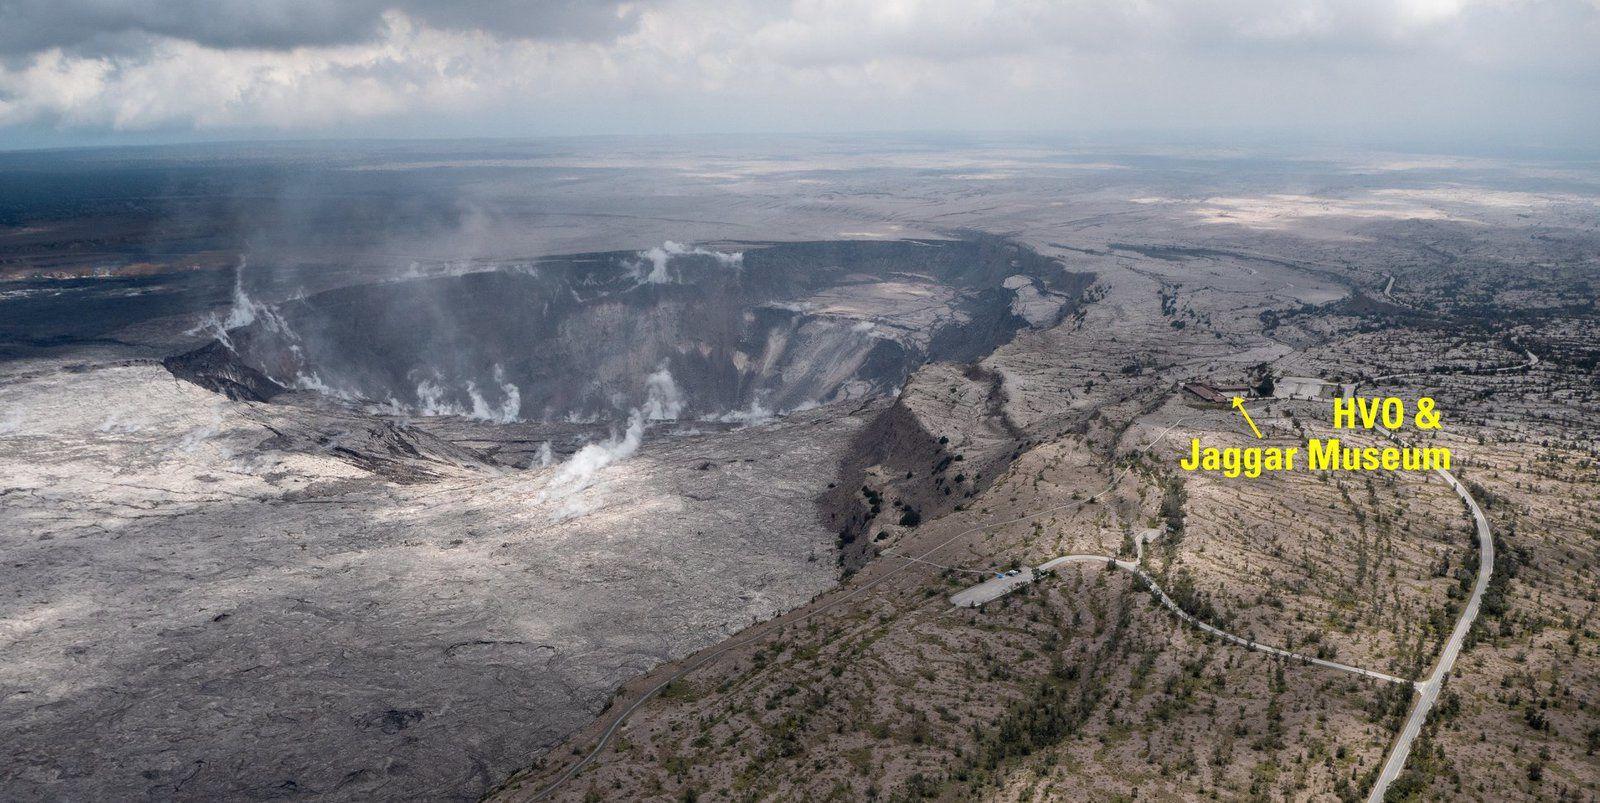 Kilauea sommet - position scabreuse de l'HVO et du Jaggar Museum par rapport au cratère Halema'uma'u qui s'aggrandit - photo USGS